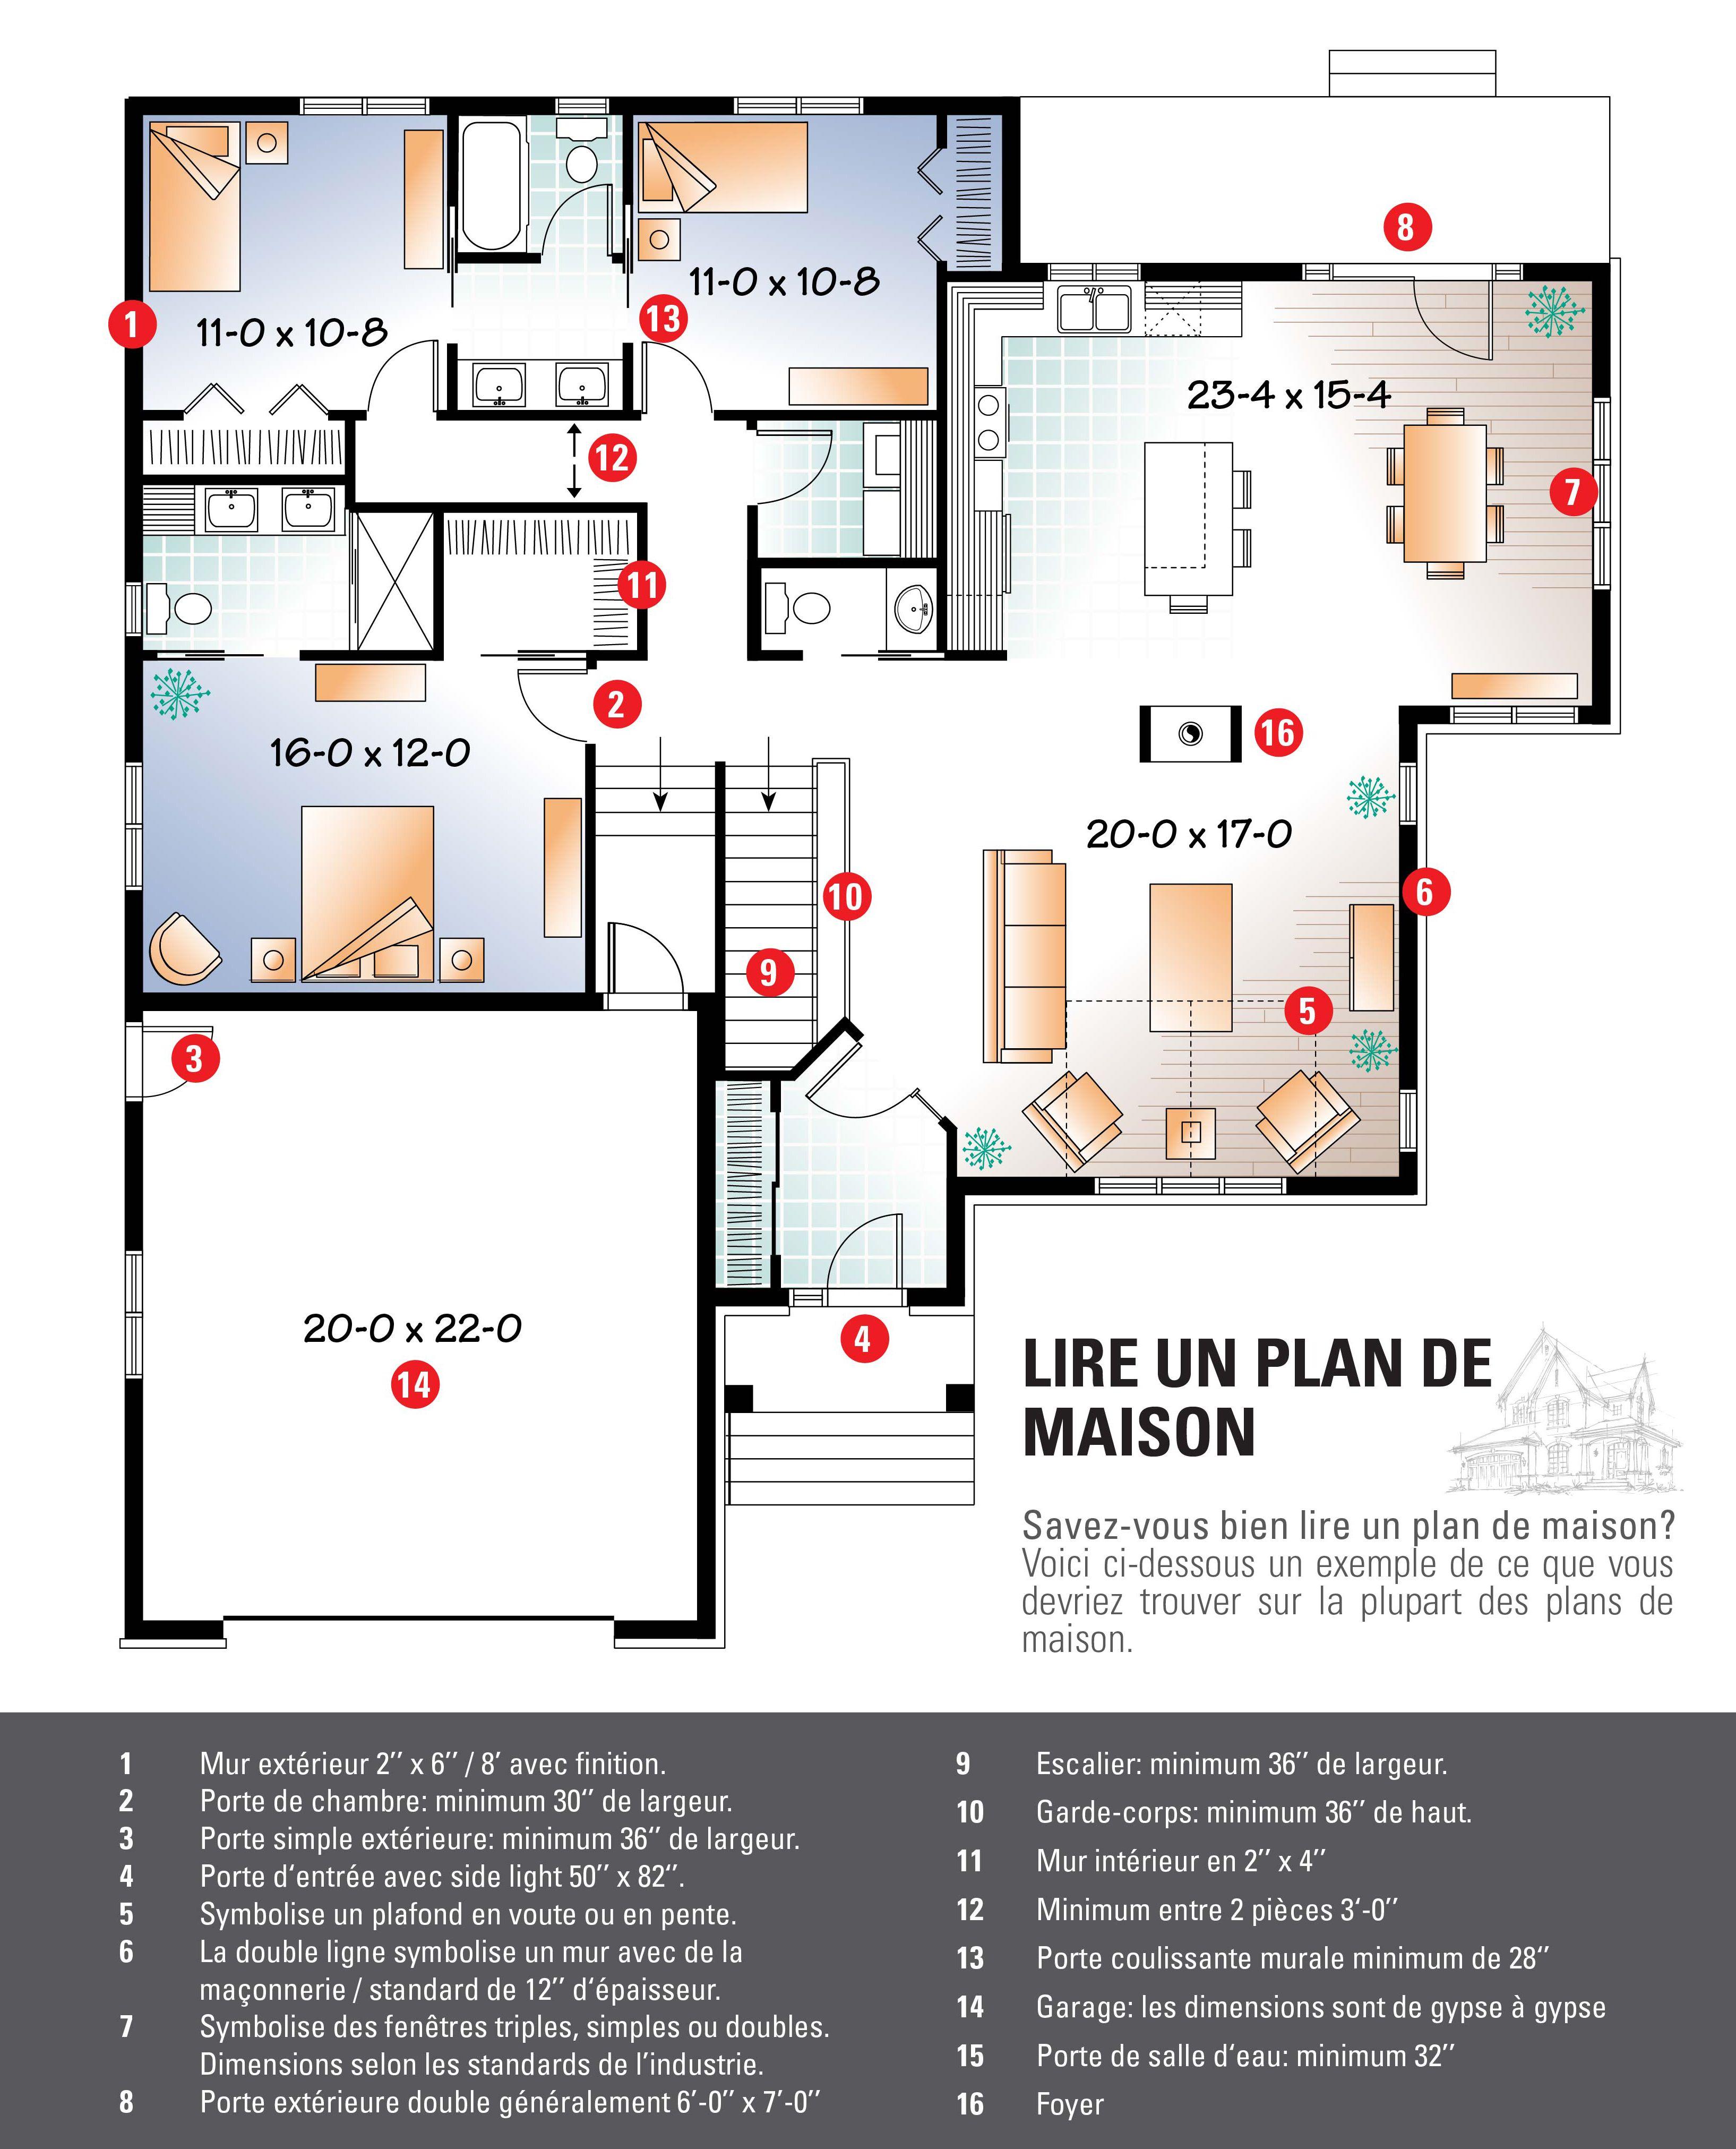 Largeur Minimum Couloir Maison comment lire un plan architecturale - - yahoo image search